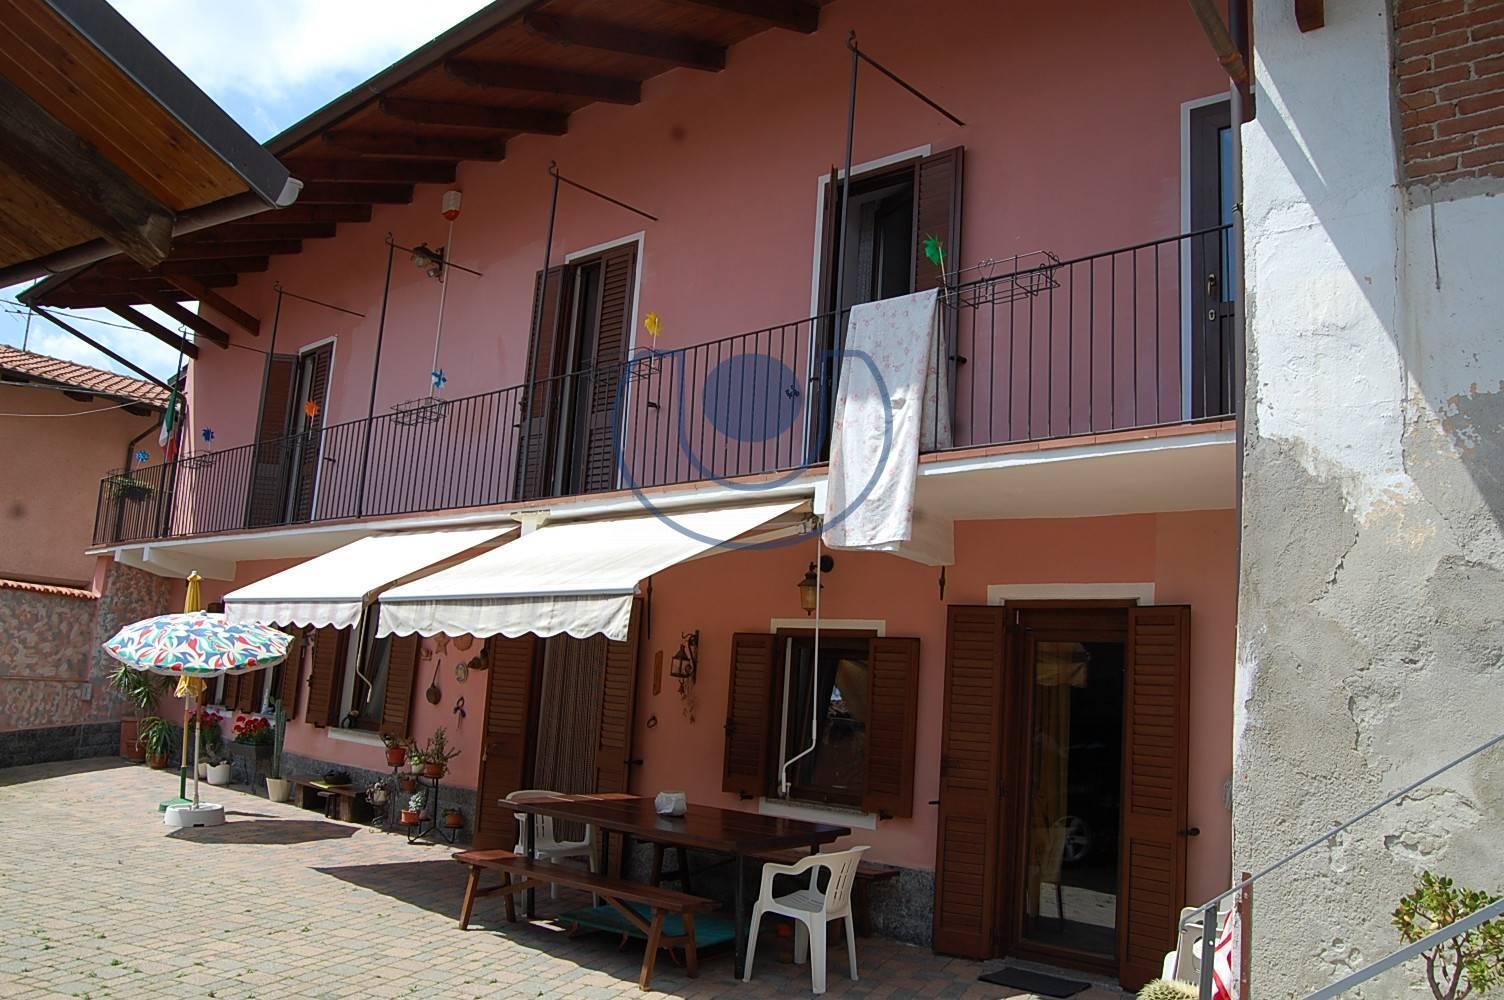 Rustico / Casale in vendita a Giaveno, 11 locali, zona Località: BorgataSala, prezzo € 295.000 | PortaleAgenzieImmobiliari.it